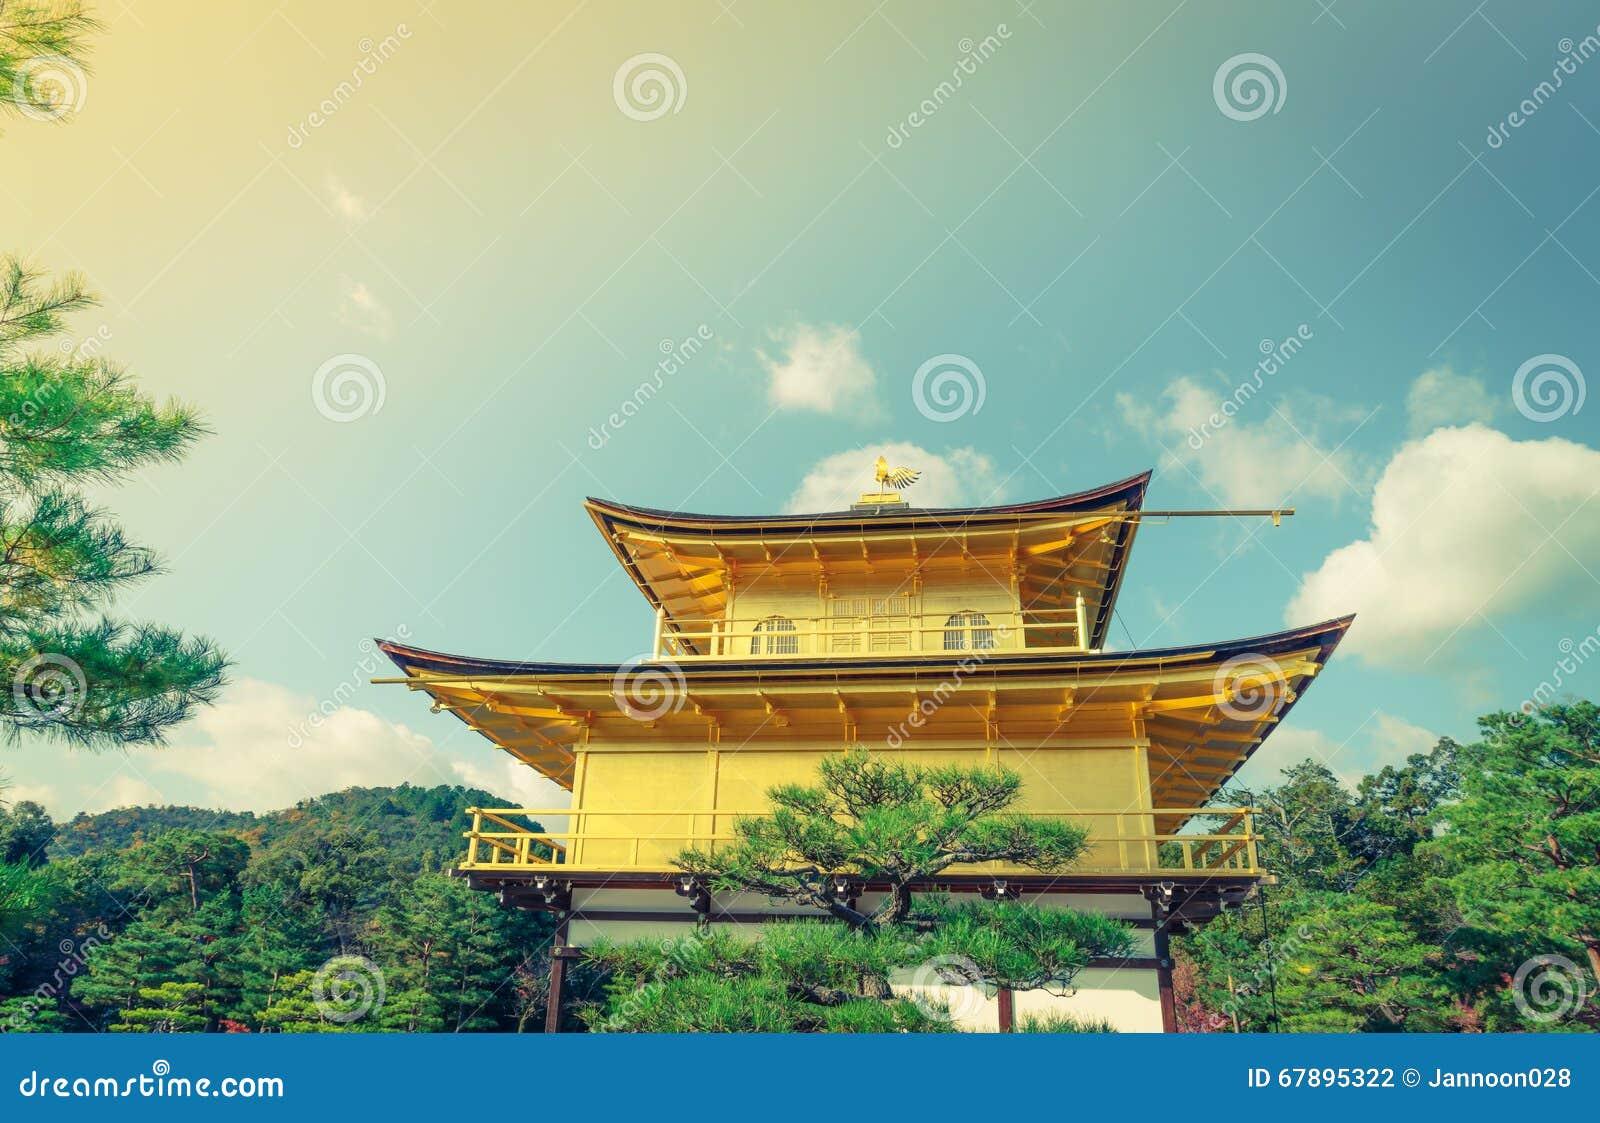 Templo de Kinkakuji el pabellón de oro en Kyoto, Japón (filtro